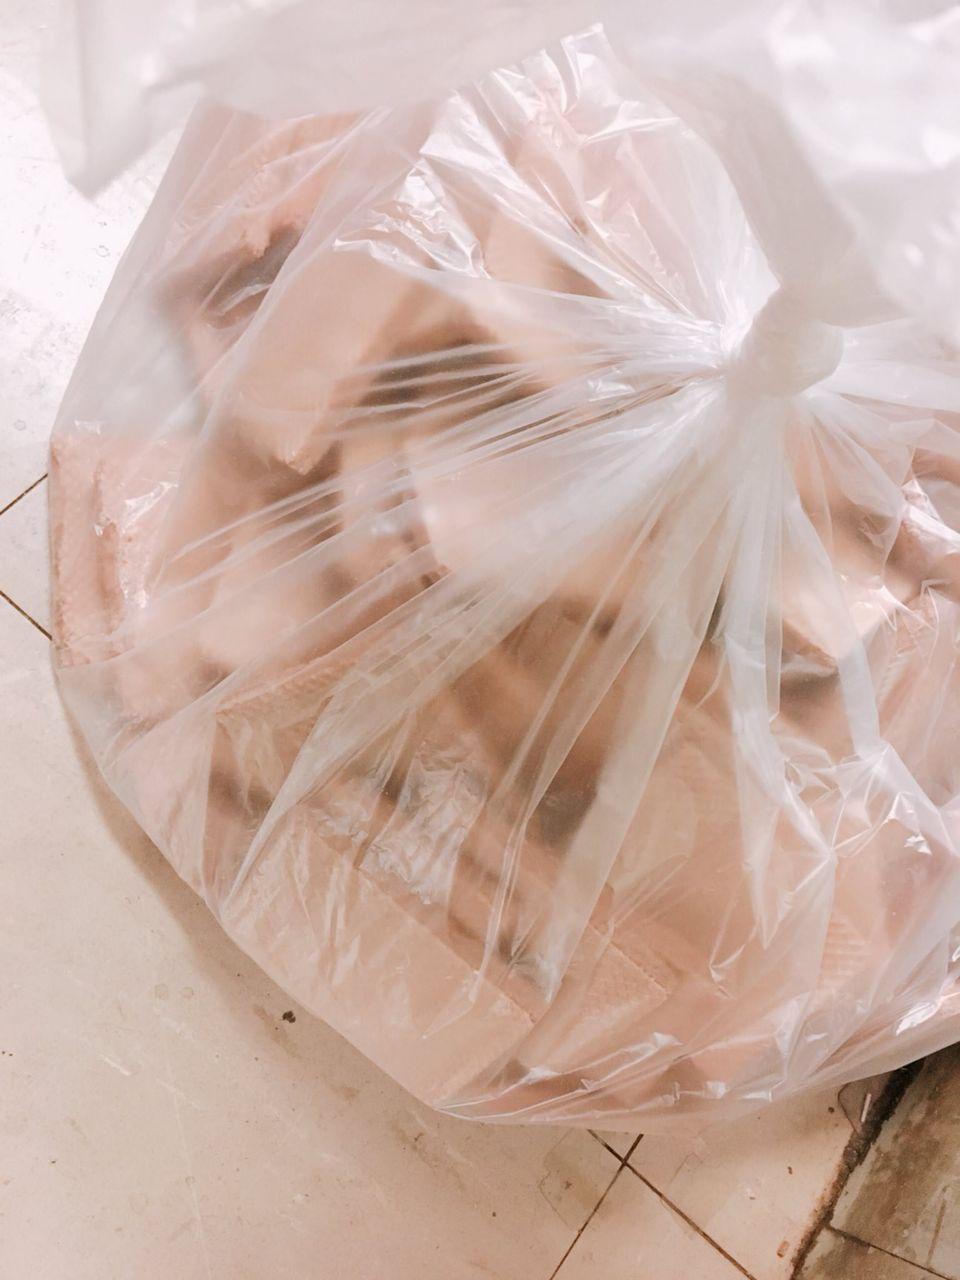 【悲報】キモオタさん、おまけの中身だけ抜いてウエハースを大量に捨ててしまう